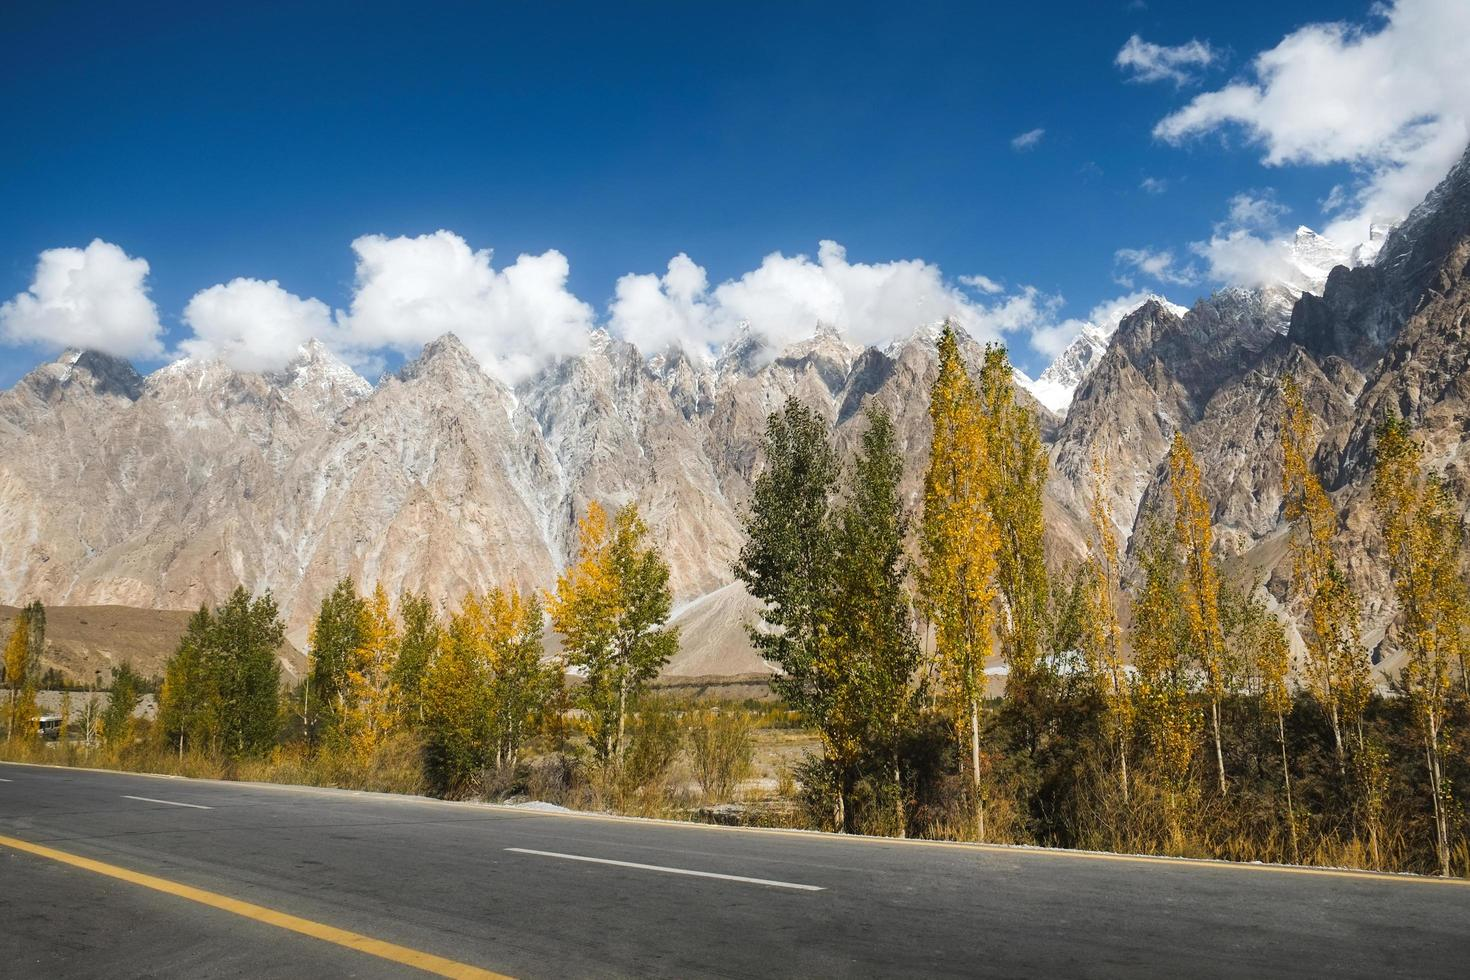 conos passu en el rango de karakoram, pakistán foto